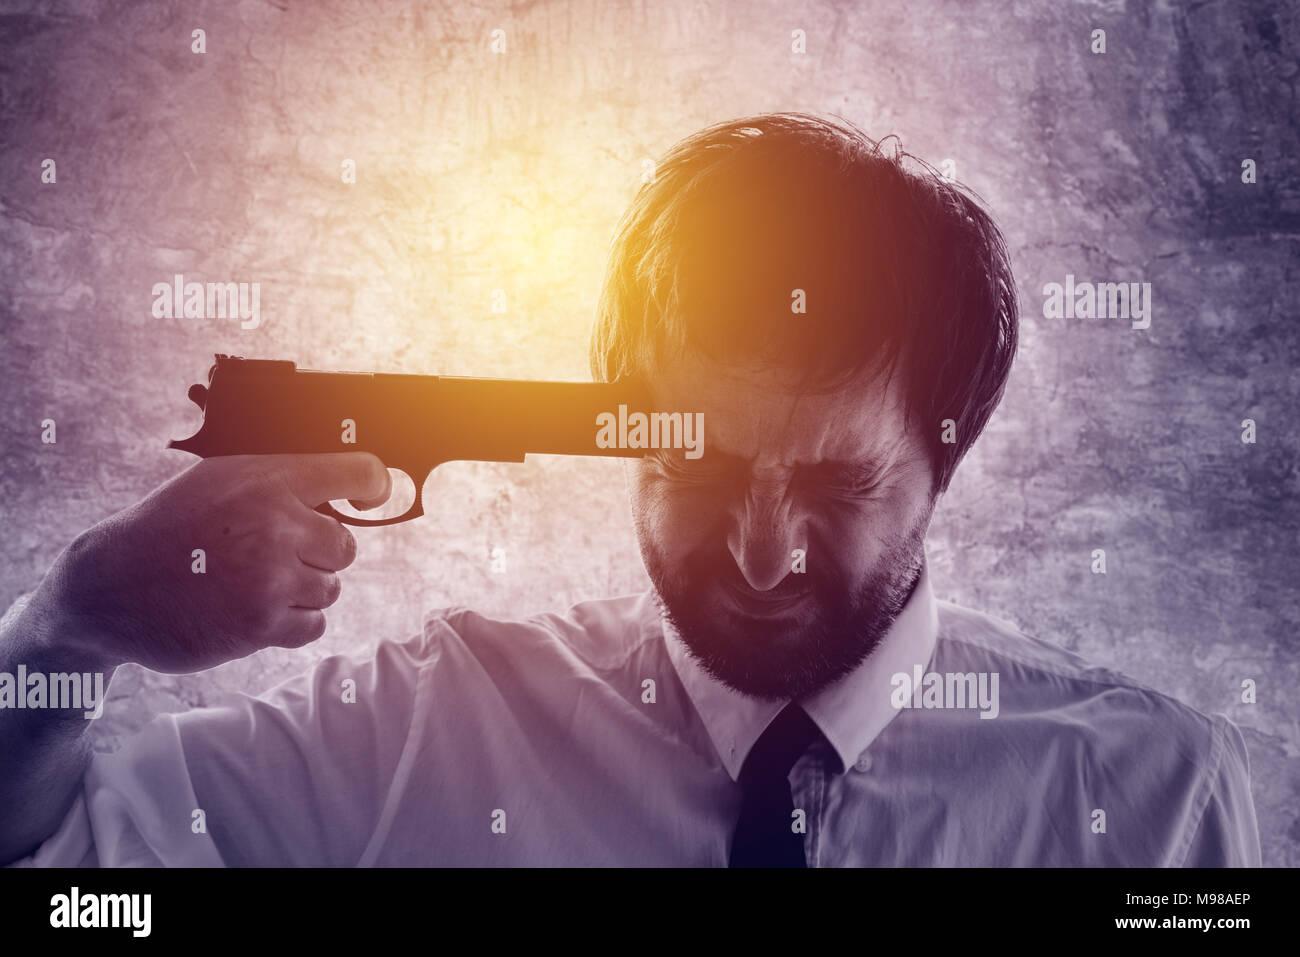 Puntos empresario pistola a la cabeza, decepcionado hombre suicida a punto de cometer un suicidio. El desempleo y el fracaso de la empresa concepto, tonos ultra violeta Imagen De Stock